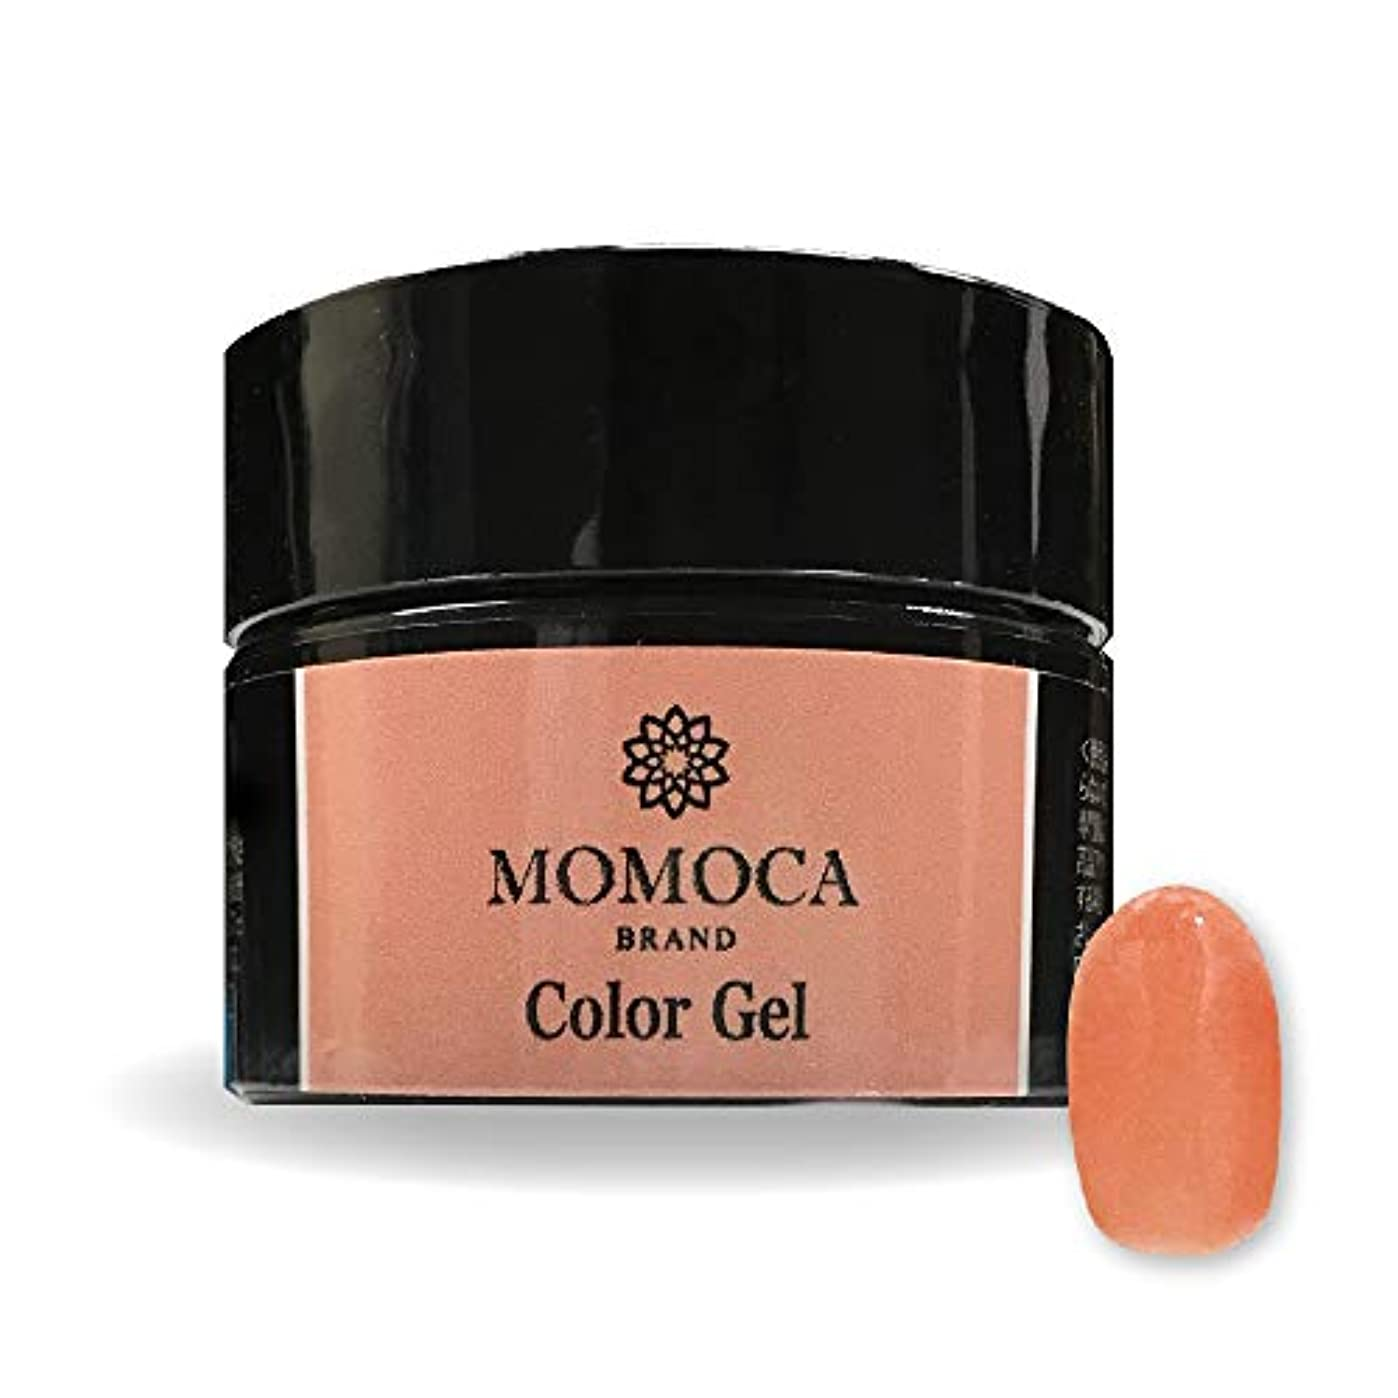 浮浪者スクリーチ慣らすMOMOCA モモカ ジェルネイル サロン品質 高発色 長持ち プロ仕様 ネイルサロン ネイリスト (014S Apricot アプリコット)